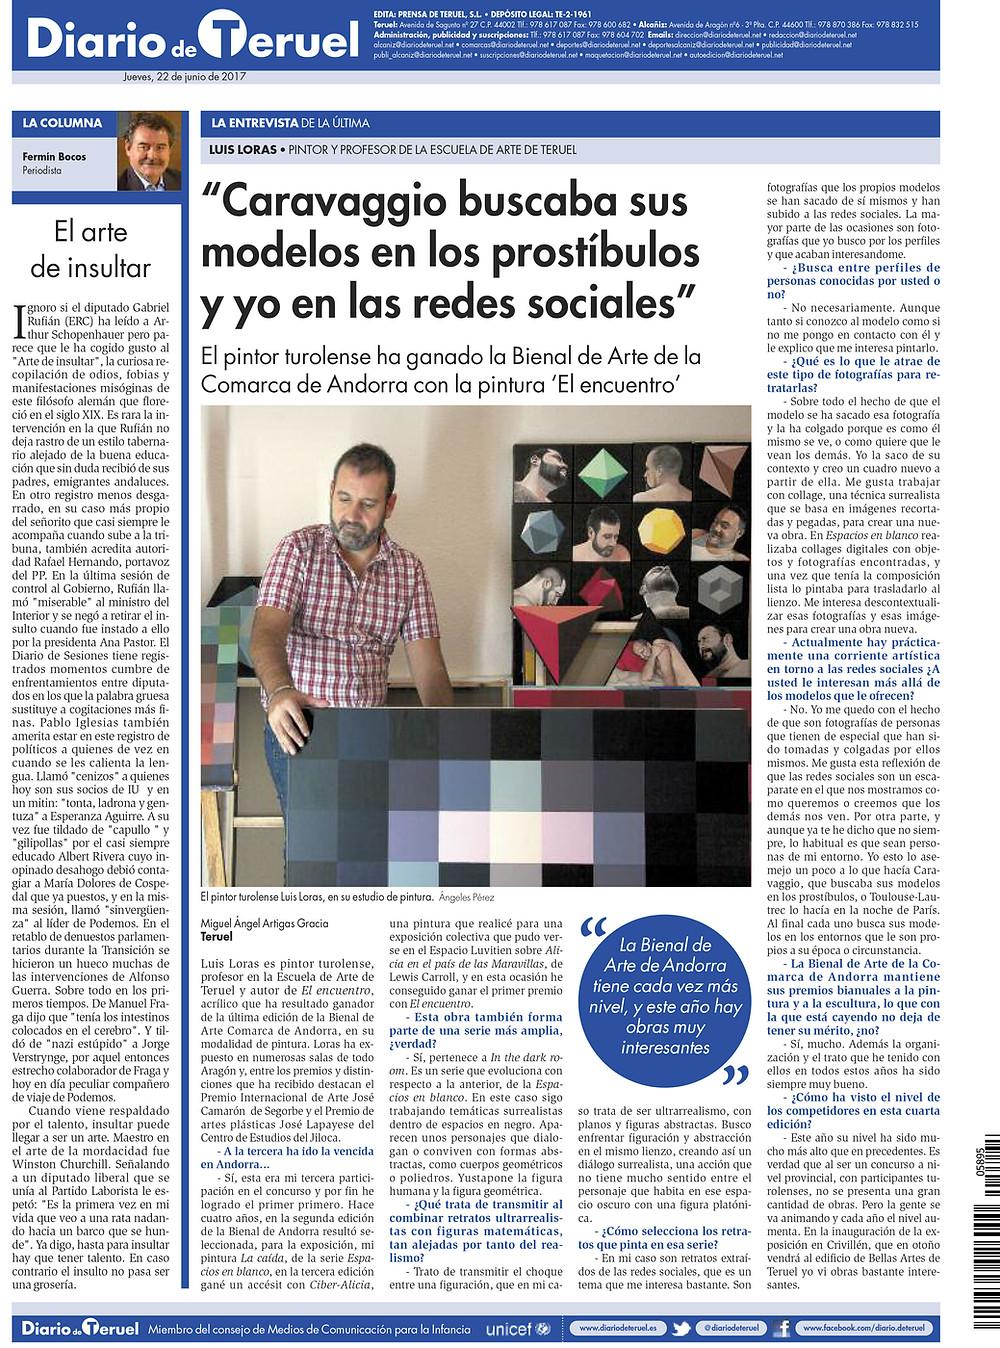 Entrevista de Luis Loras a página completa en la contraprotada del Diario de Teruel.